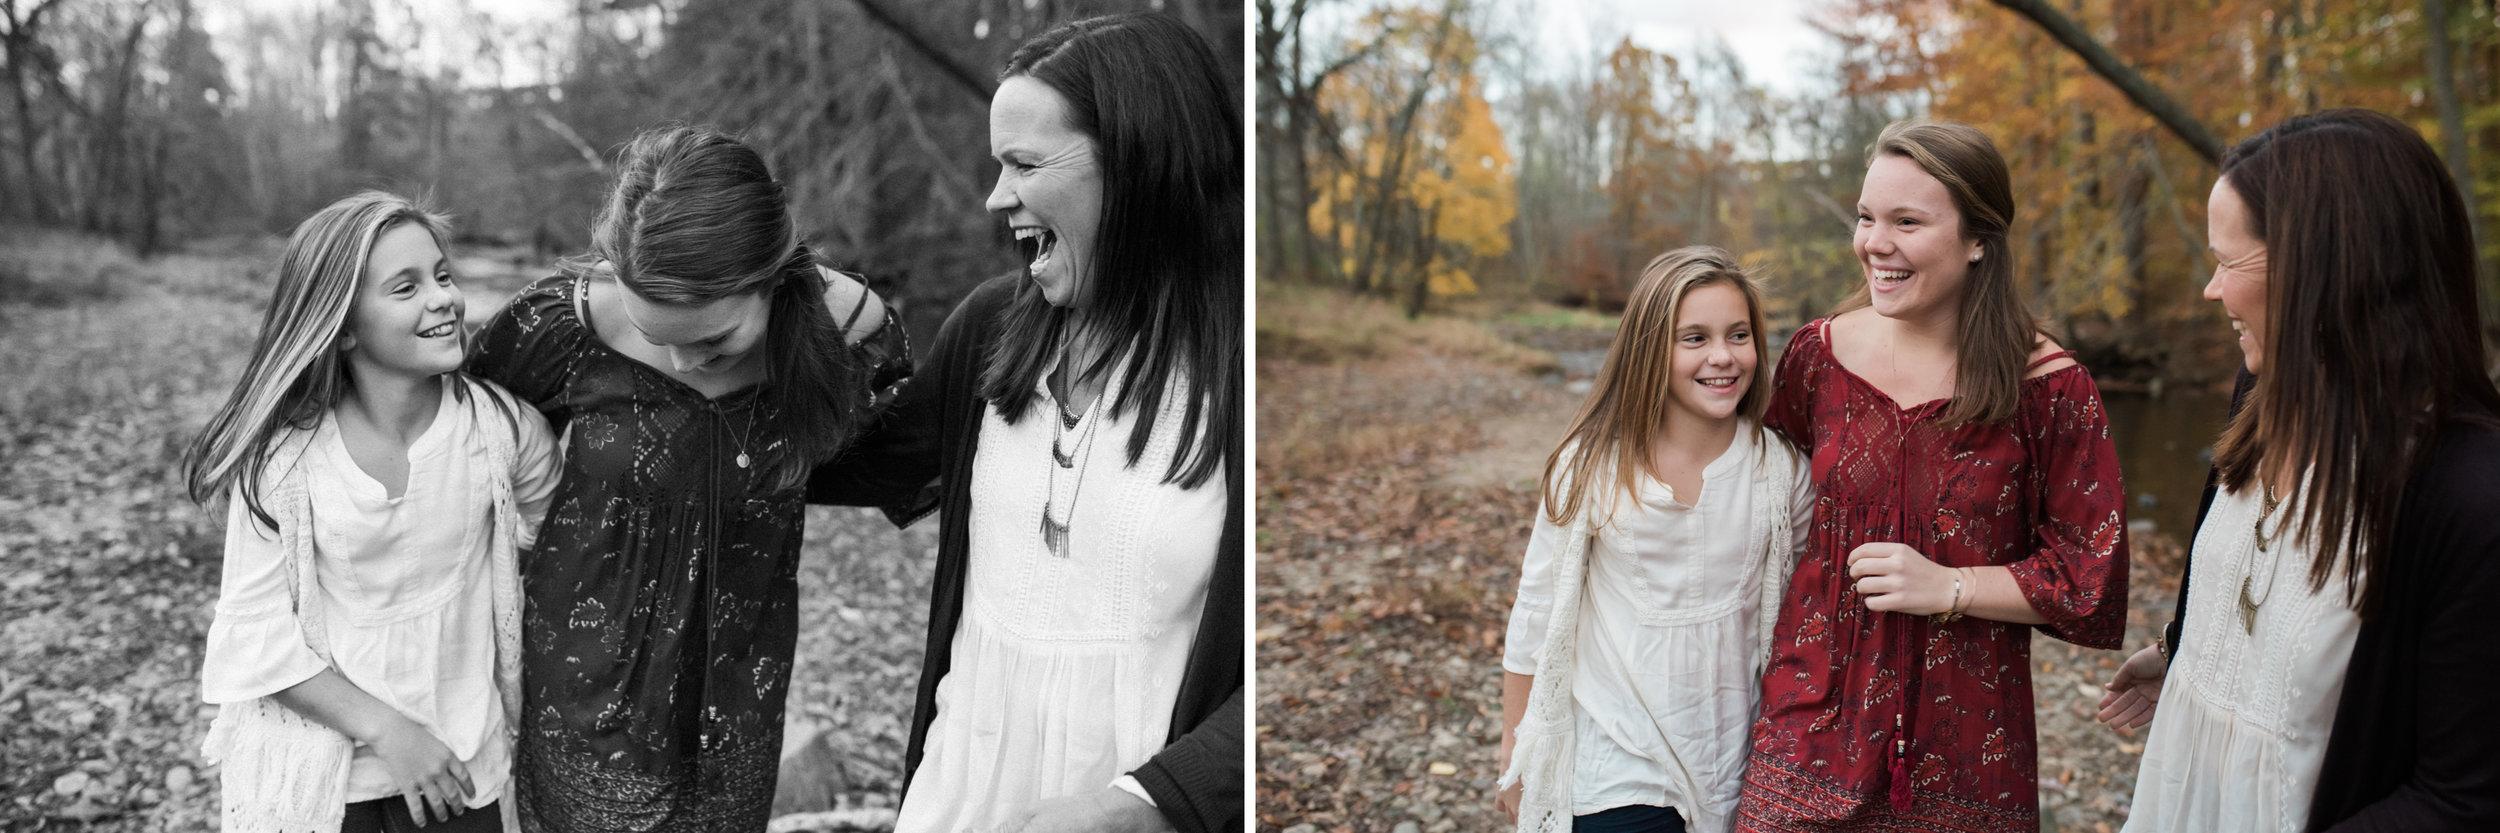 Harford-County-Photographer-lifestyle-session-by-Breanna-Kuhlmann-BKLP